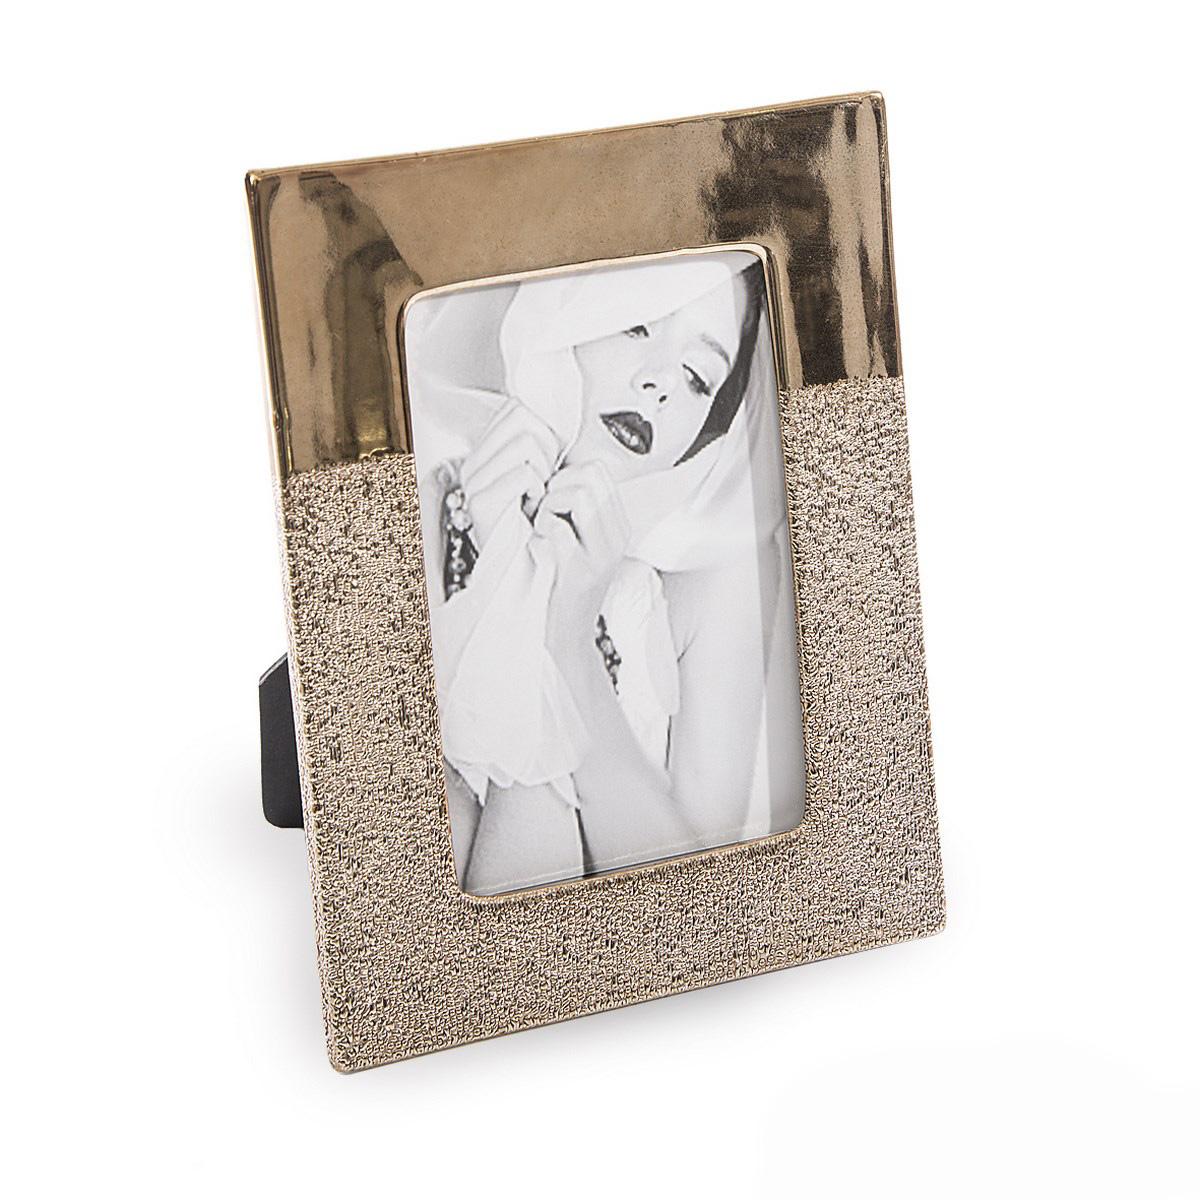 Dekorační fotorámeček CARAMEL 21x16 skladem a ihned k odeslání